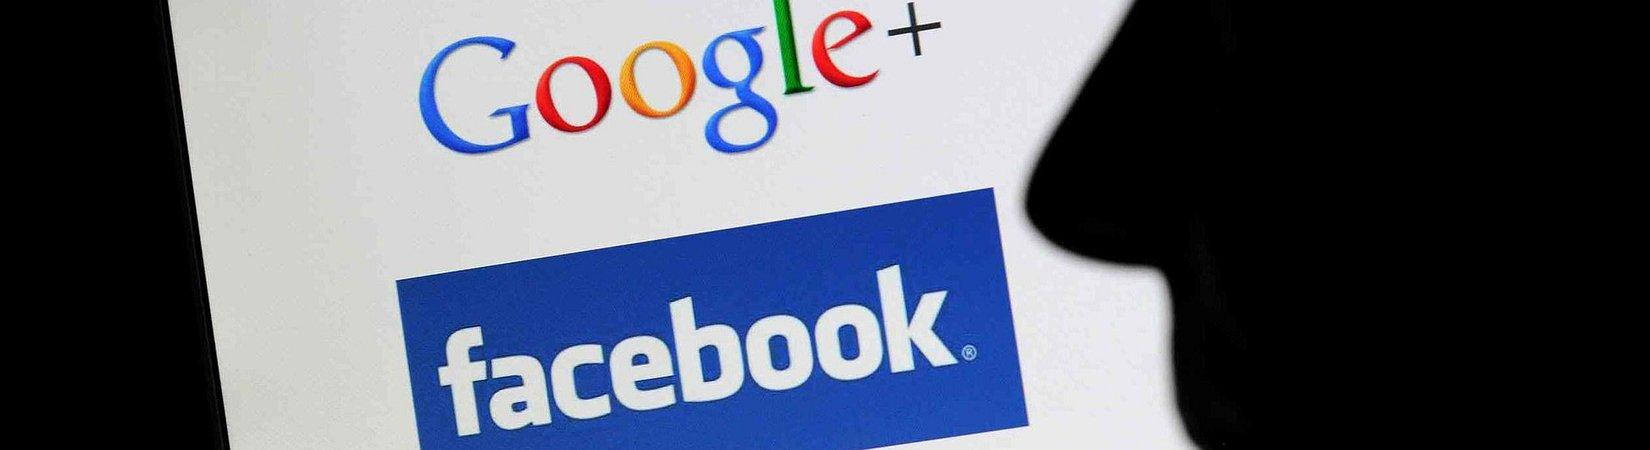 Почему Google и Facebook запретили рекламу криптовалют — и это хорошо